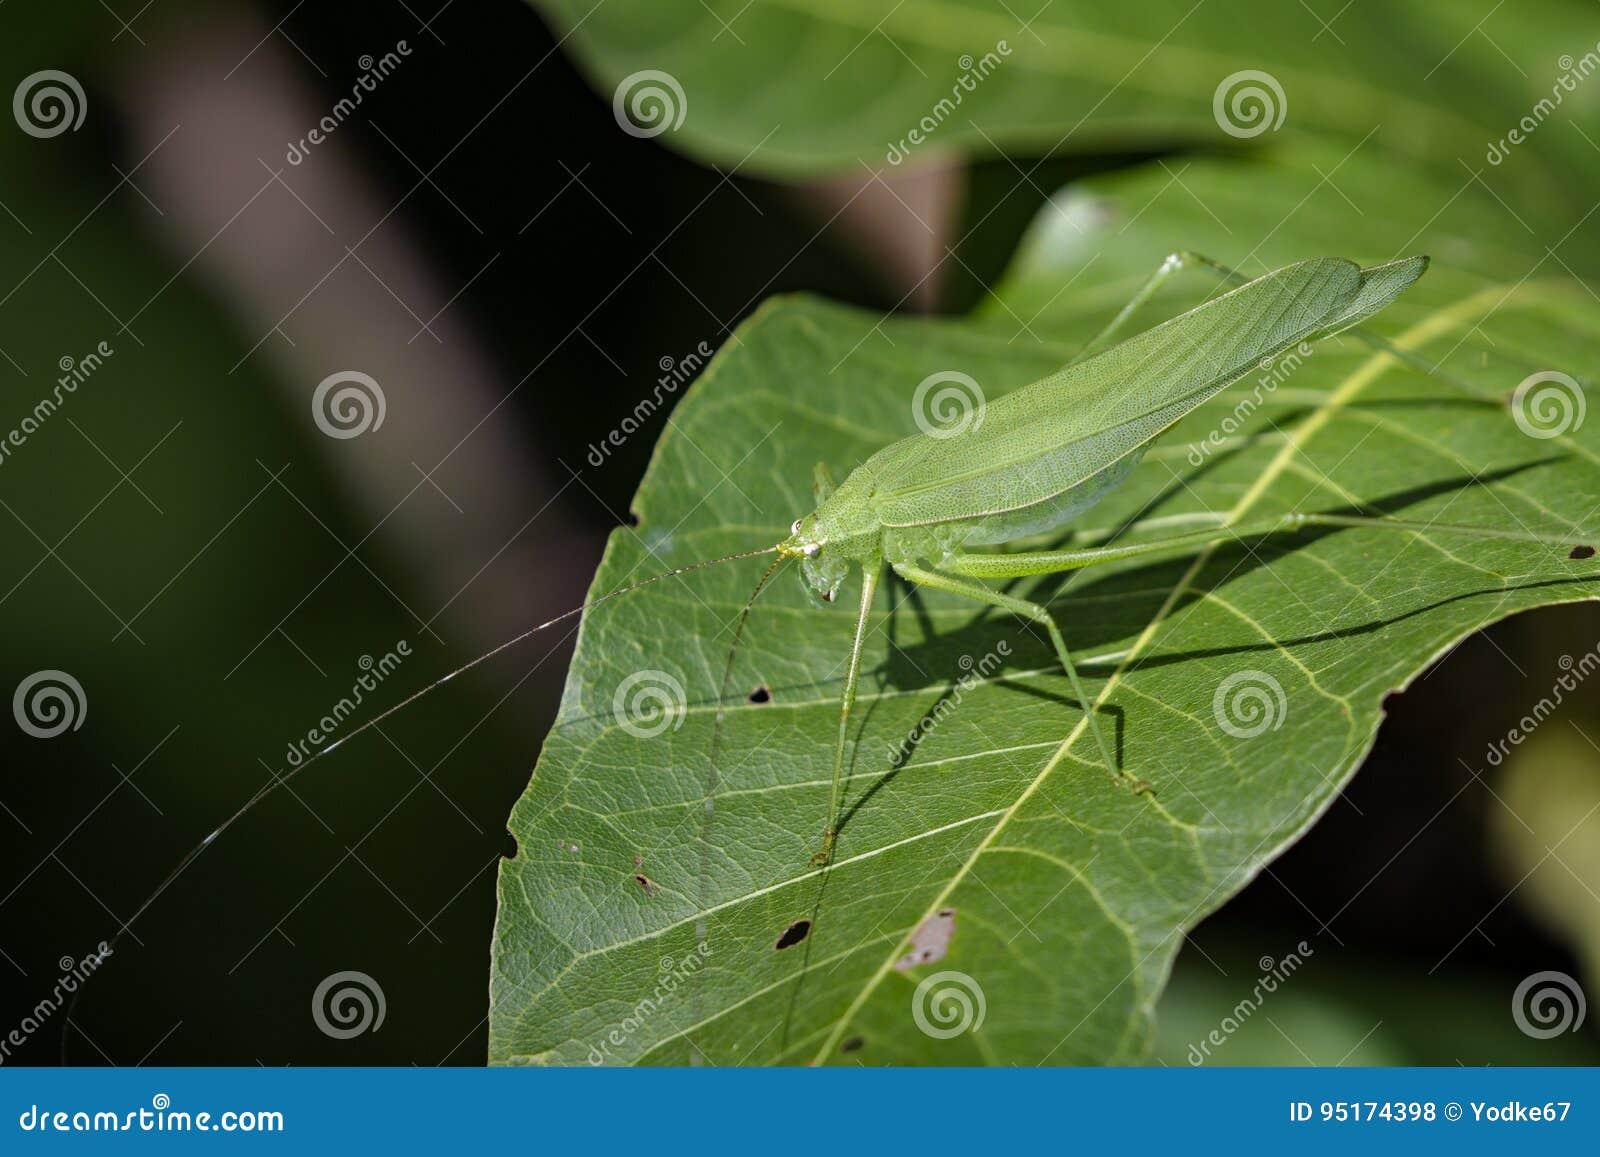 Imagen Del Saltamontes En Las Hojas Verdes Animal Del Insecto Foto ...